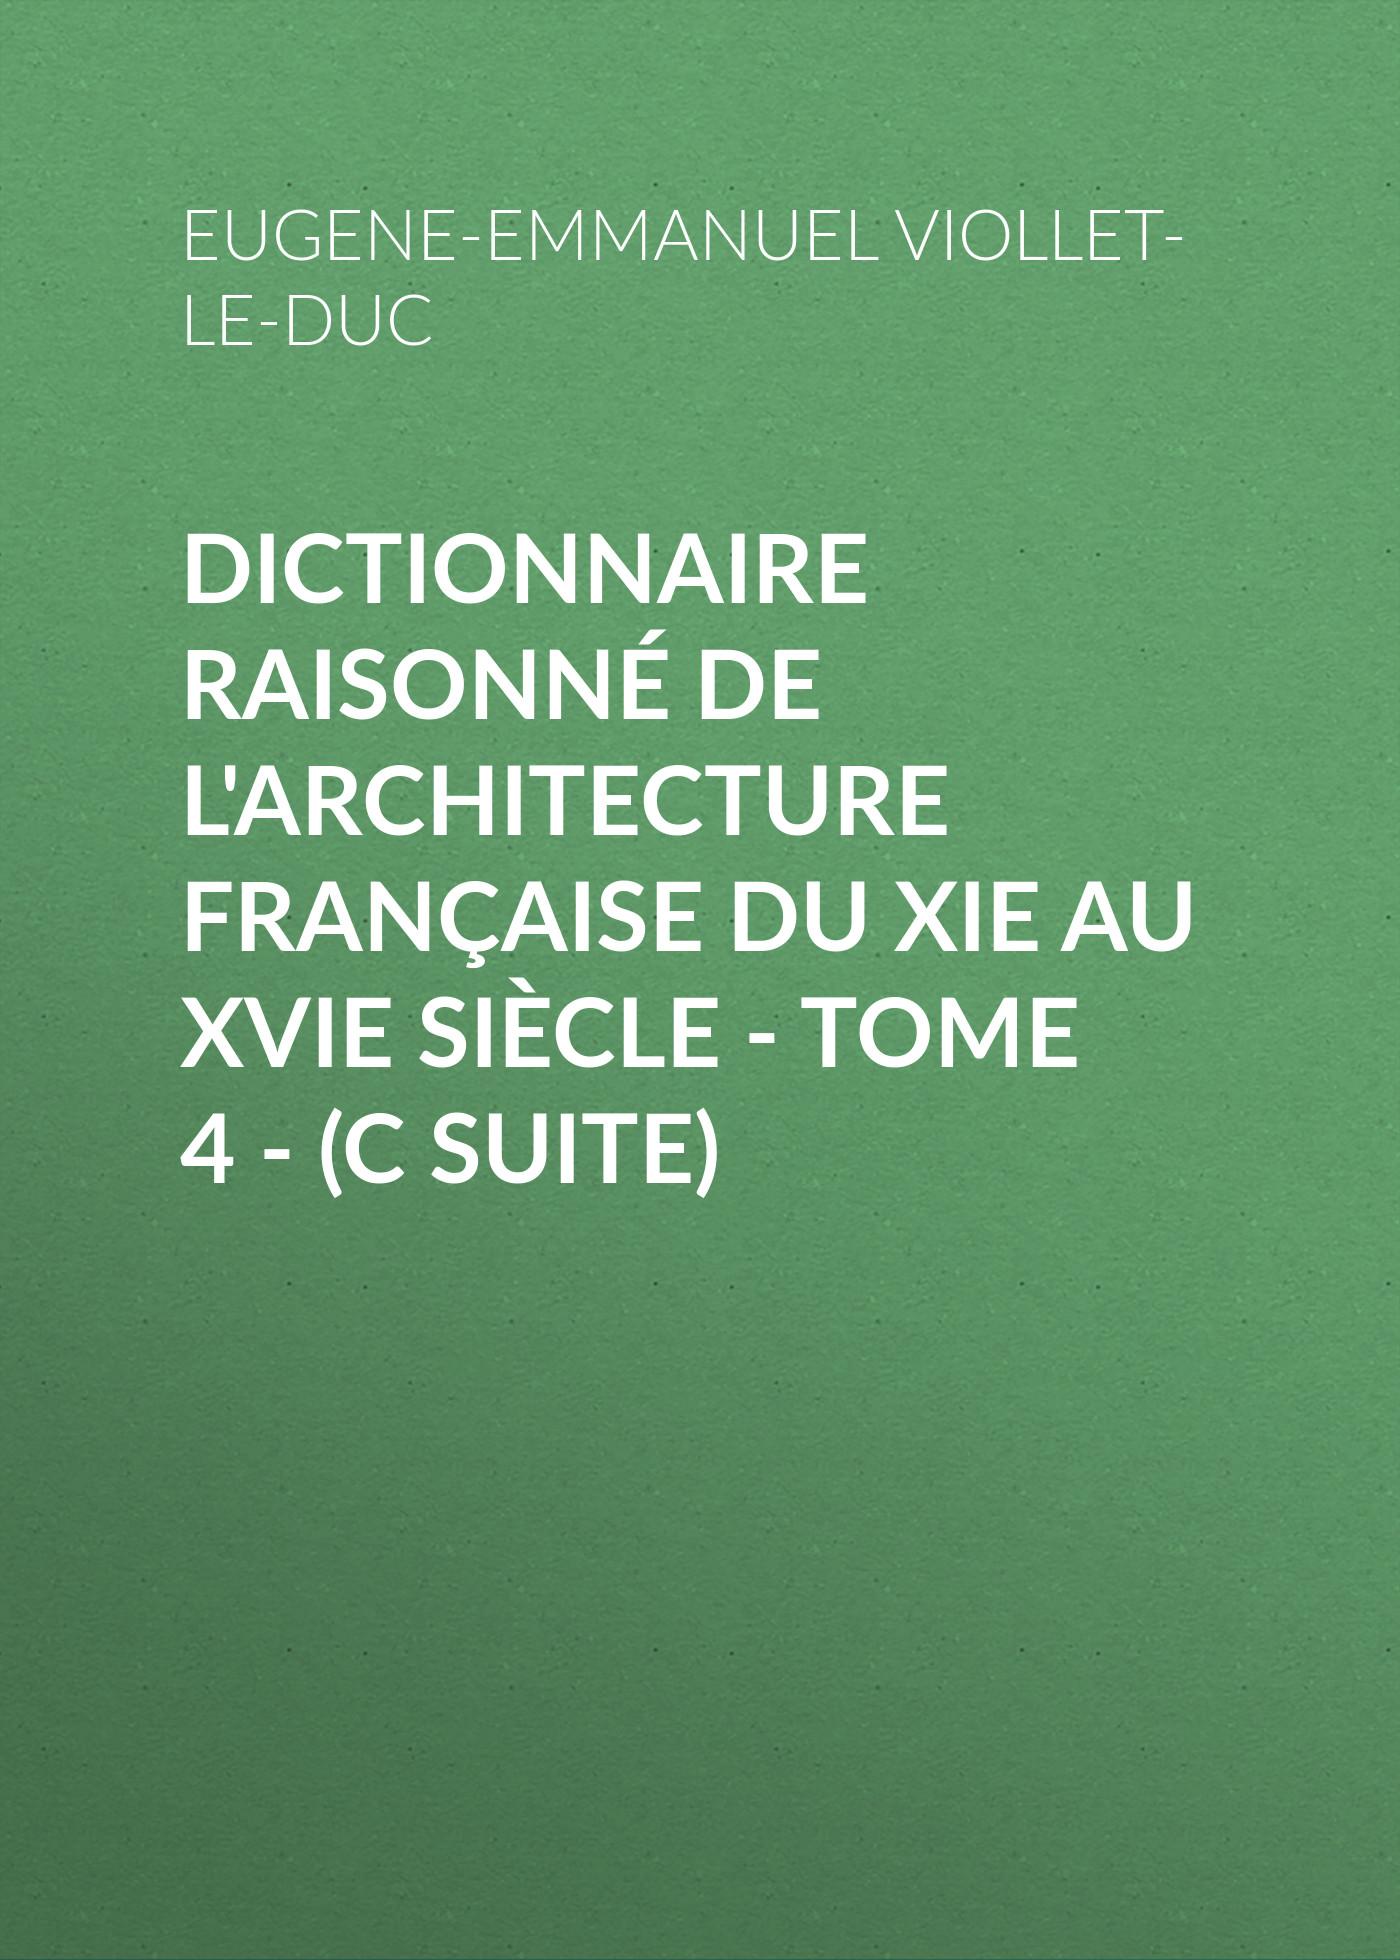 Eugene-Emmanuel Viollet-le-Duc Dictionnaire raisonné de l'architecture française du XIe au XVIe siècle - Tome 4 - (C suite) eugène emmanuel viollet le duc la cite de carcassonne aude french edition